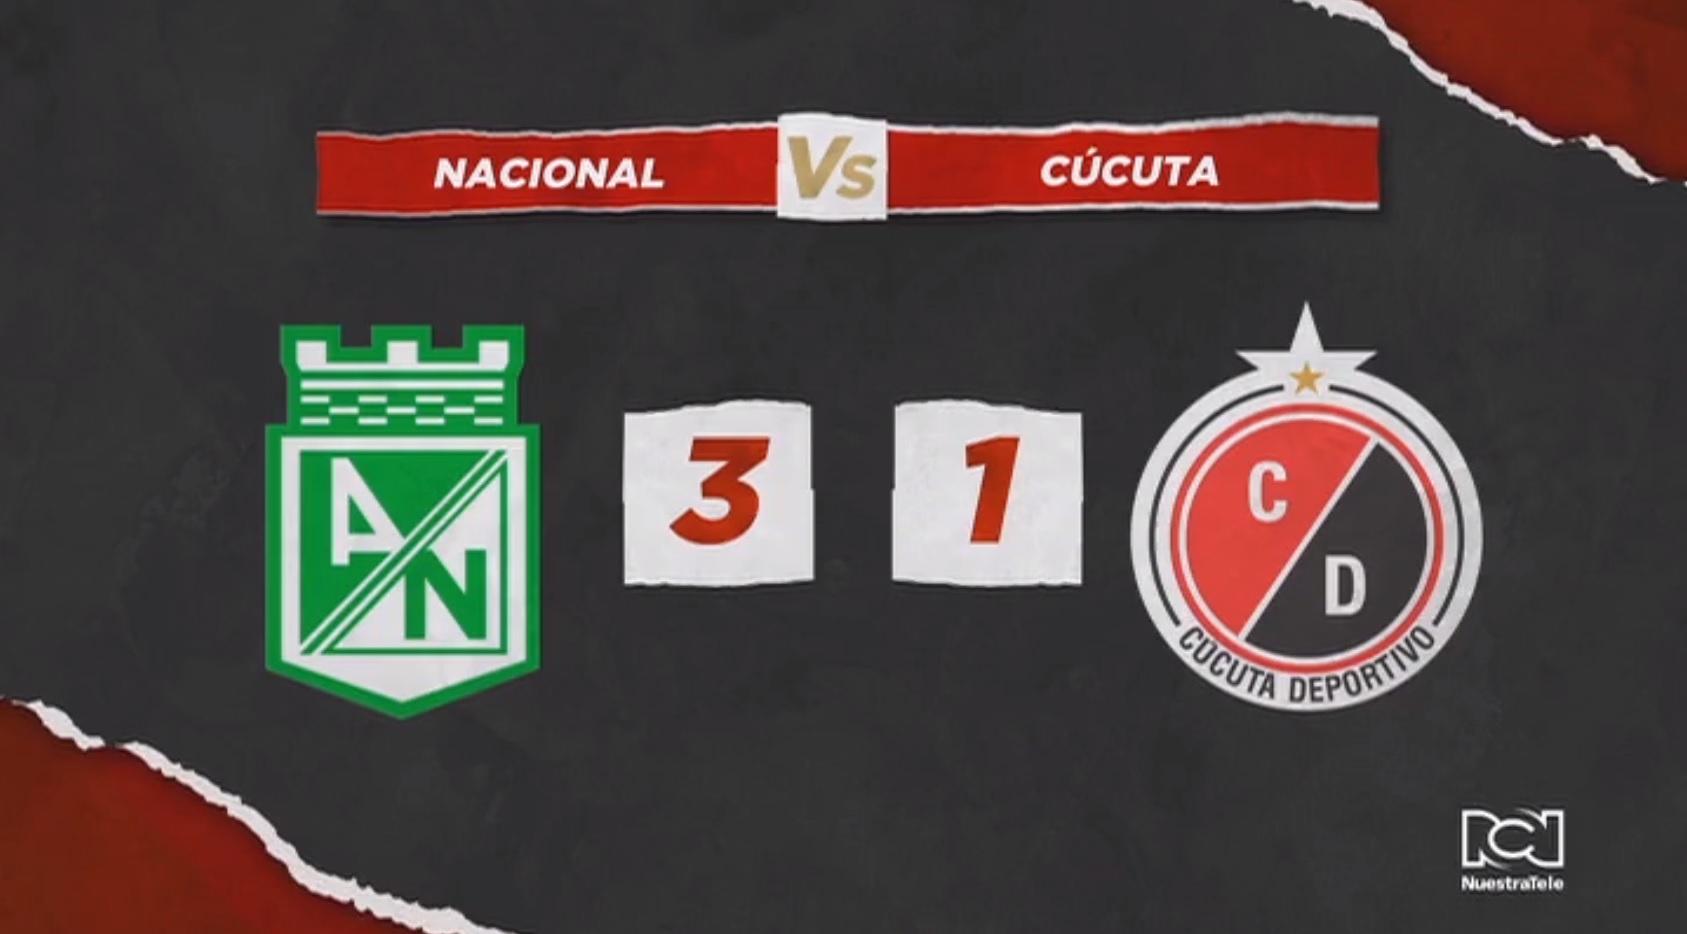 Atlético Nacional hizo respetar su casa, fue contundente y venció a Cúcuta Deportivo